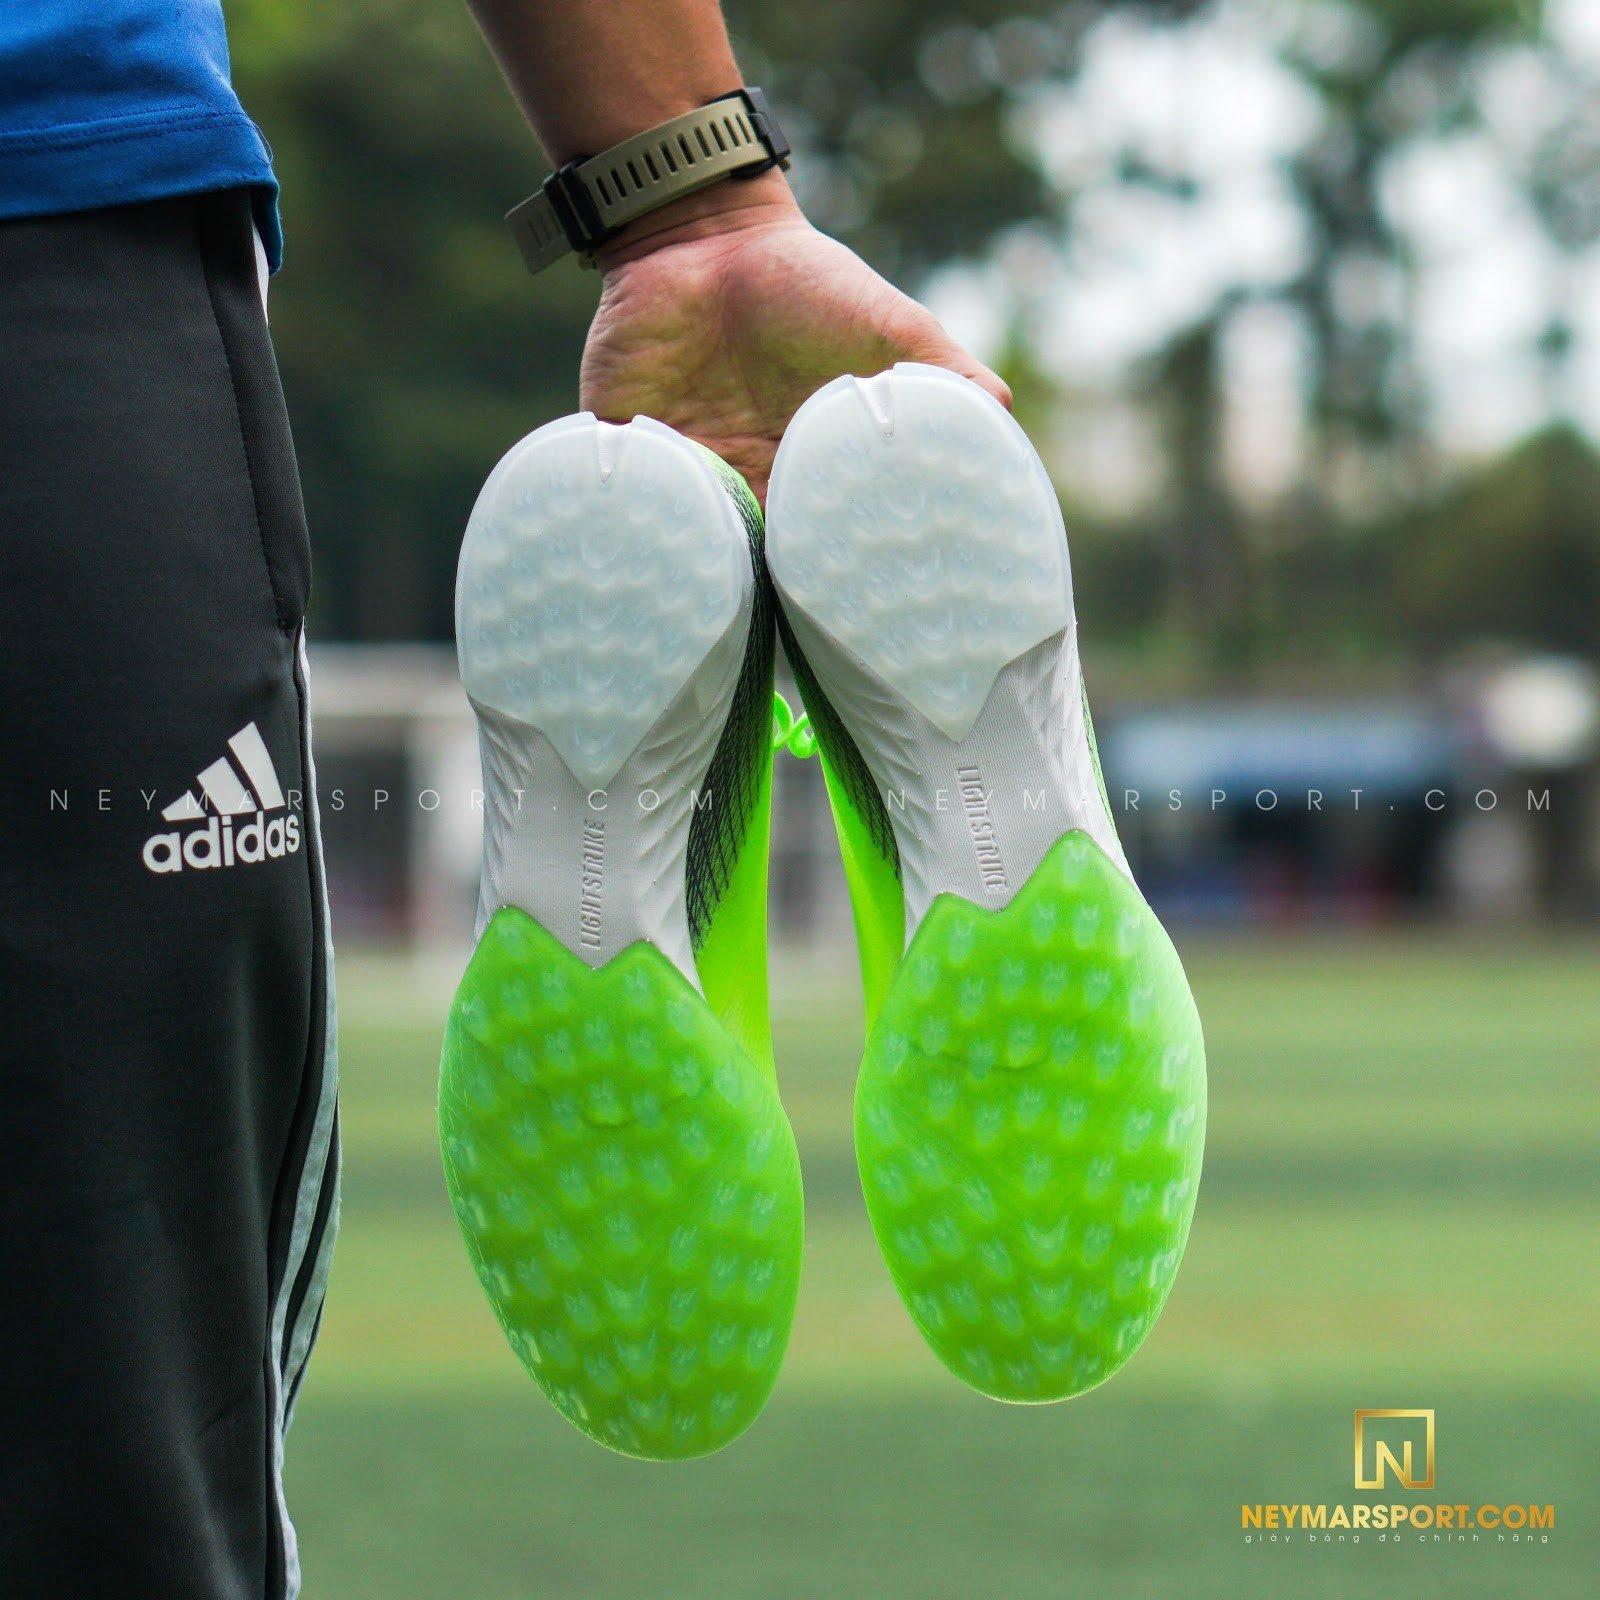 Giày đá bóng adidas X Ghosted .1 TF Precision To Blur